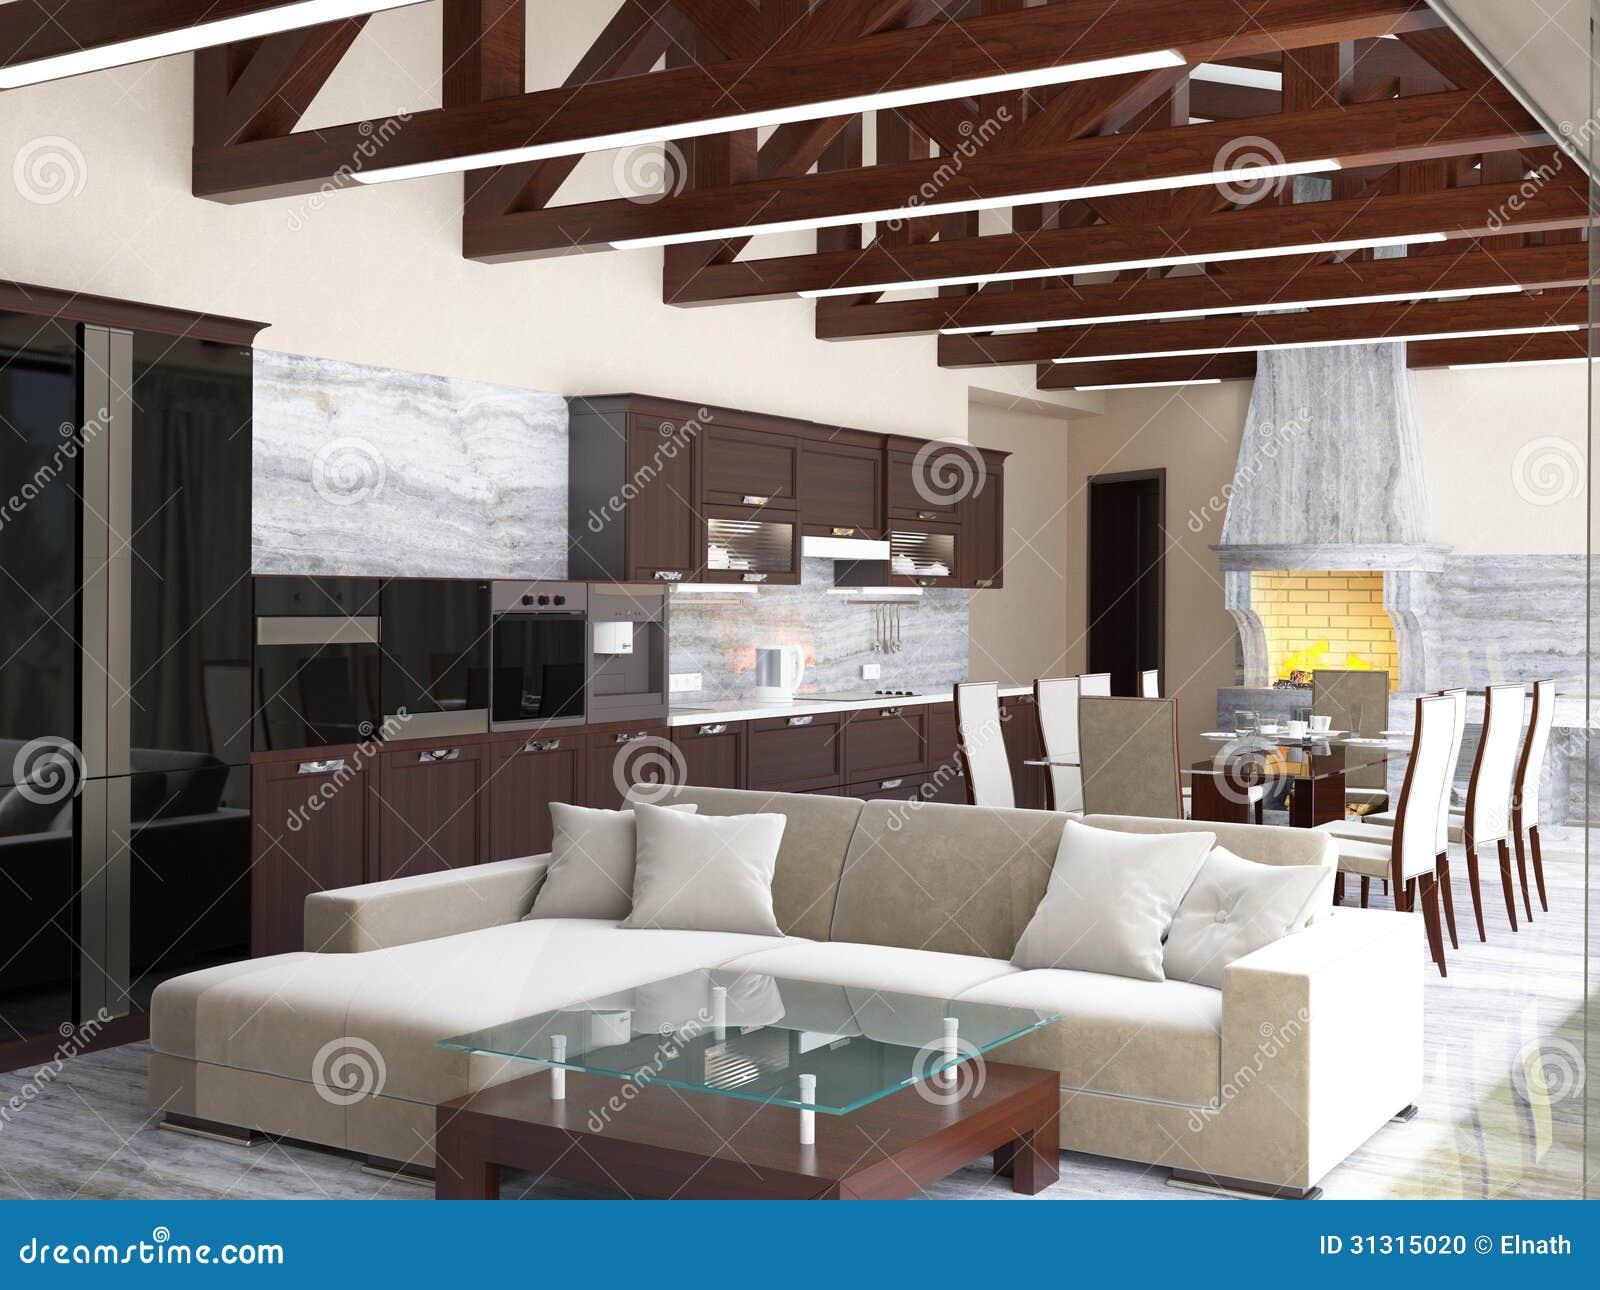 Cucina Di Una Casa Di Campagna. Fotografia Stock - Immagine: 31315020